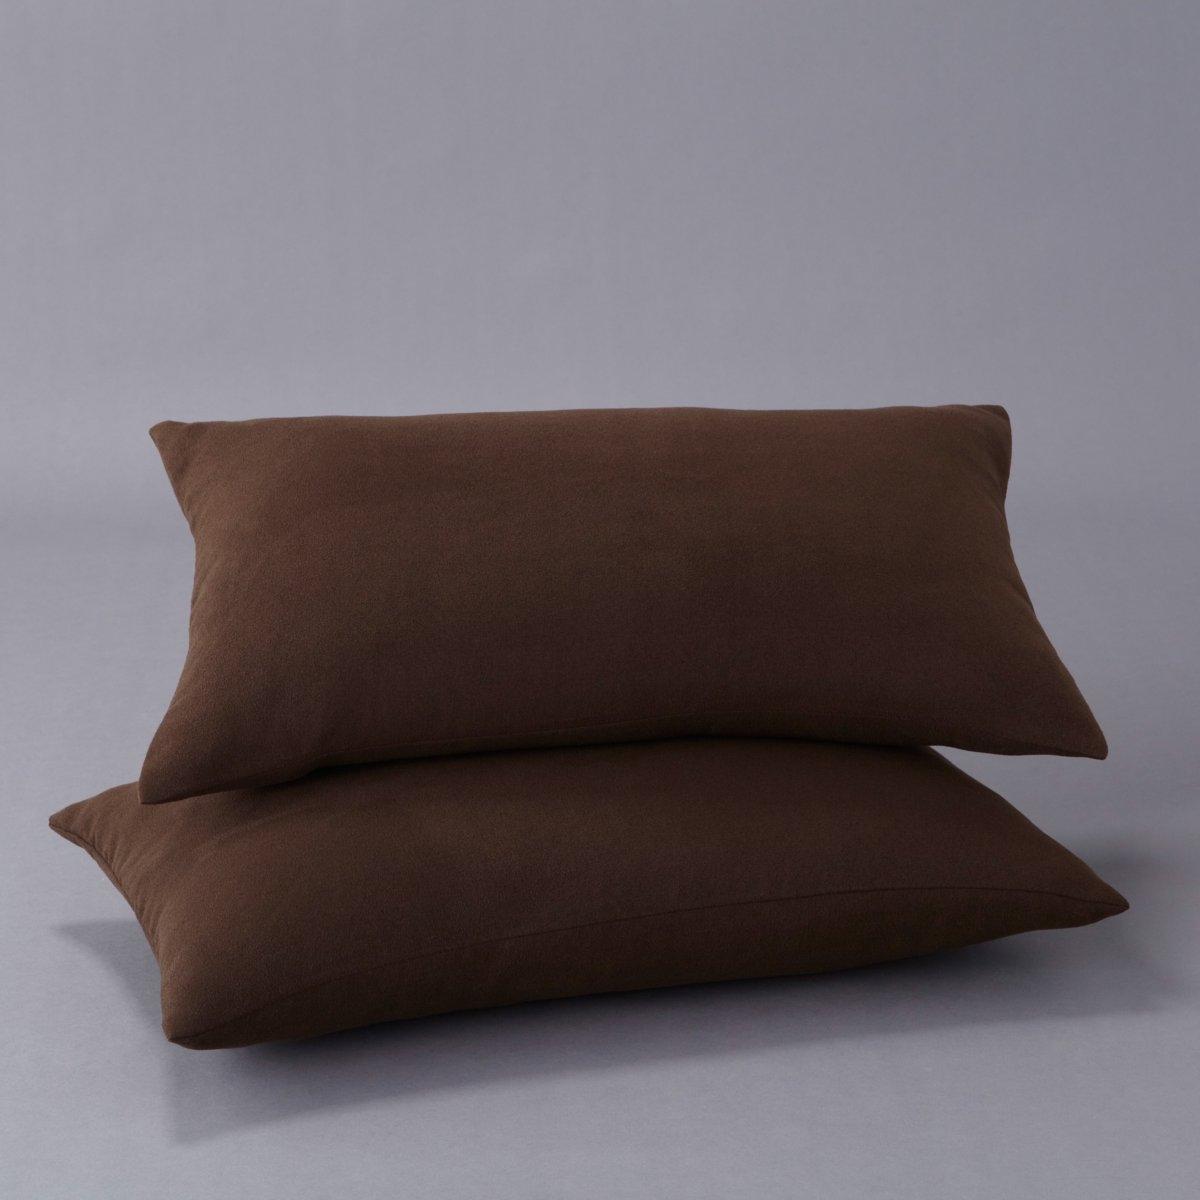 2 чехла для подушек-подлокотников2 чехла для подушек-подлокотников с невероятно мягким покрытием, 100% полиэстер. 2 версии : для диванов типа аккордеон или книжка. Аккуратная отделка, качество Valeur S?re.Характеристики:2 размера: аккордеон (50 х 30 см) и  книжка (60 х 40 см).Застежка на молнию.Стирать при 30°C.Продаётся в комплекте из 2 изделий.<br><br>Цвет: антрацит,бежевый песочный,красный,светло-желто-каштановый,серый жемчужный,шоколадно-каштановый<br>Размер: 50 x 30 см.50 x 30 см.60 x 40  см